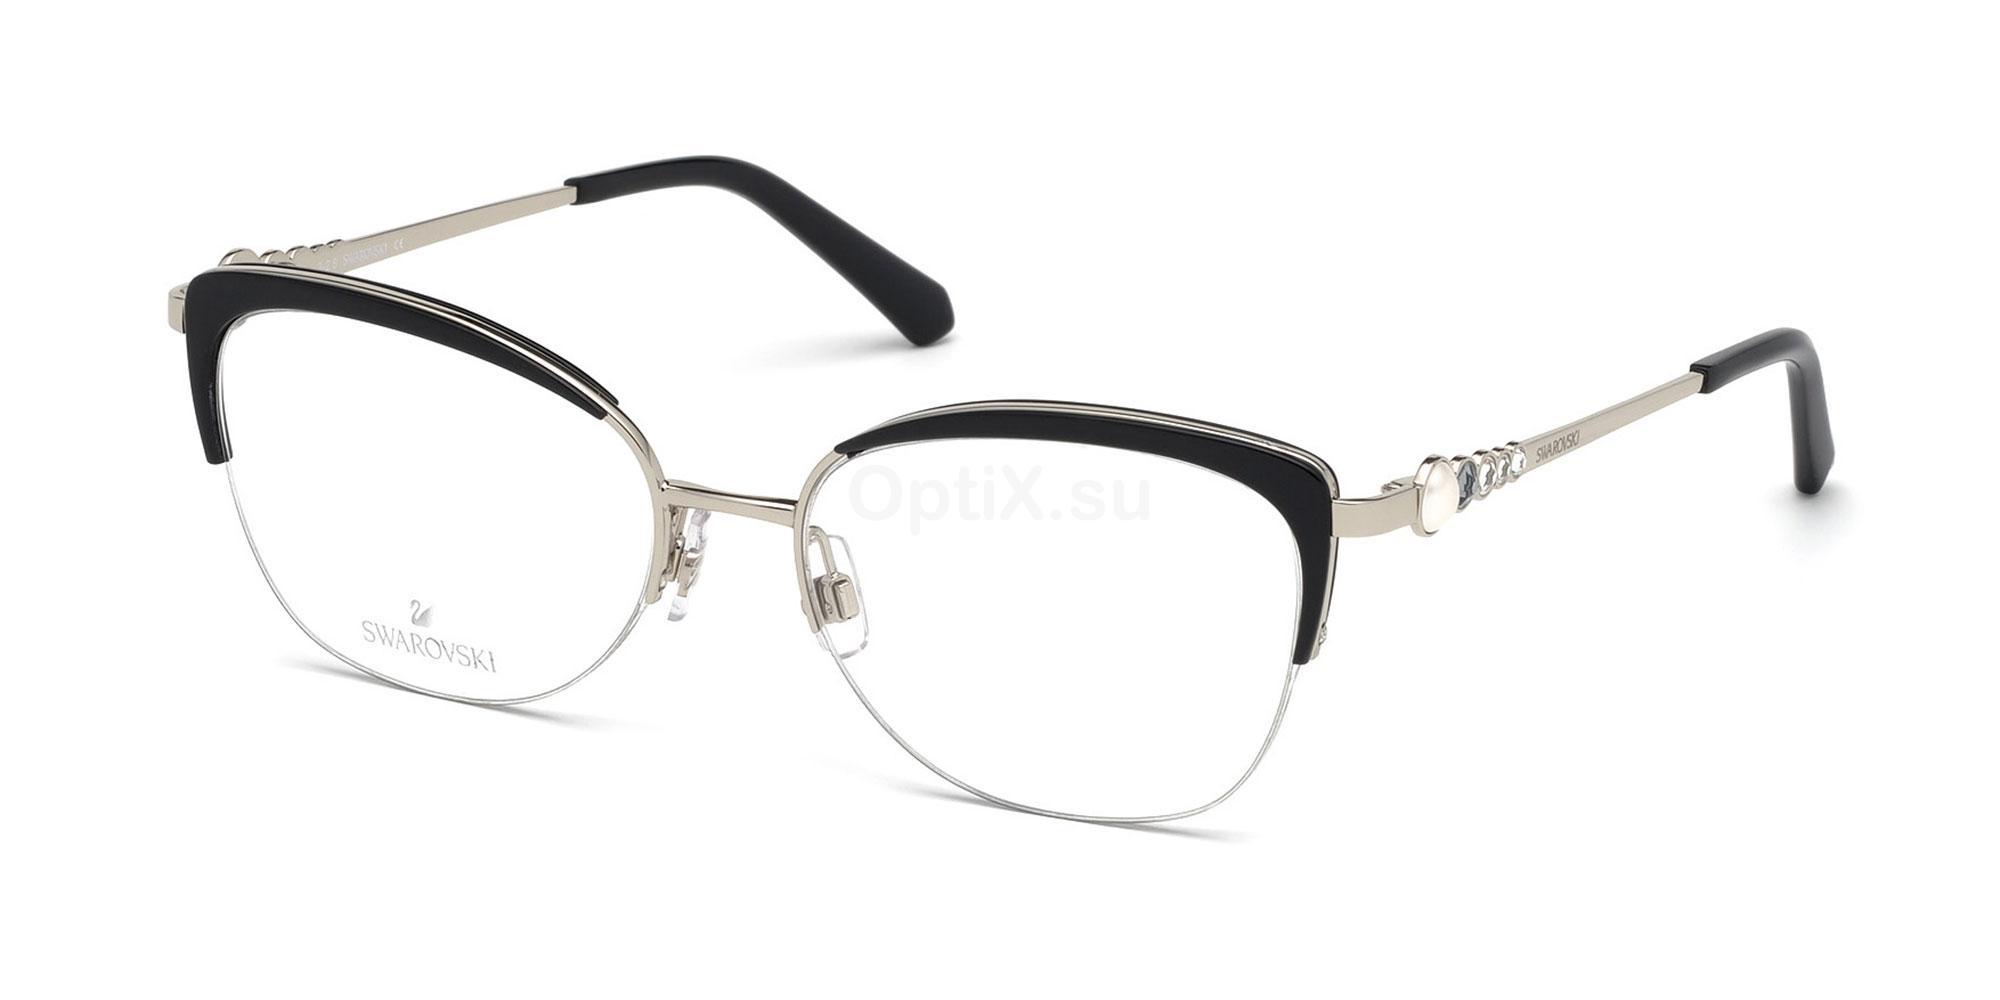 016 SK5307 Glasses, Swarovski